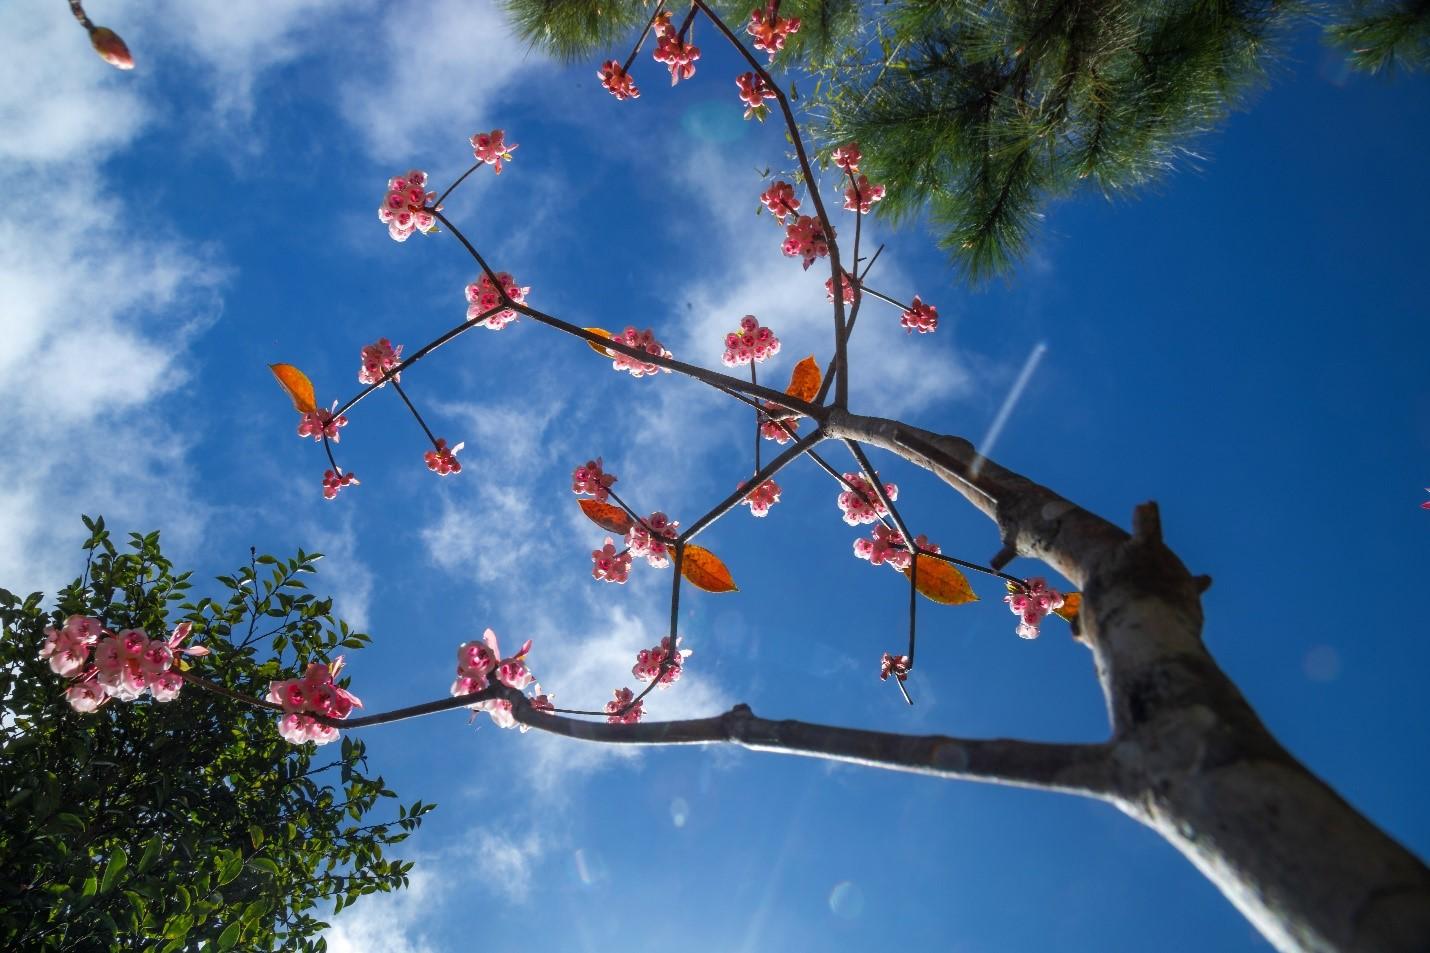 Riêng ở Bà Nà, những người làm du lịch nơi đây đã kỳ công nghiên cứu và nhân giống thành công 500 gốc đào chuông, đưa loài hoa này trở thành biểu tượng của Công viên chủ đề hàng đầu châu Á.